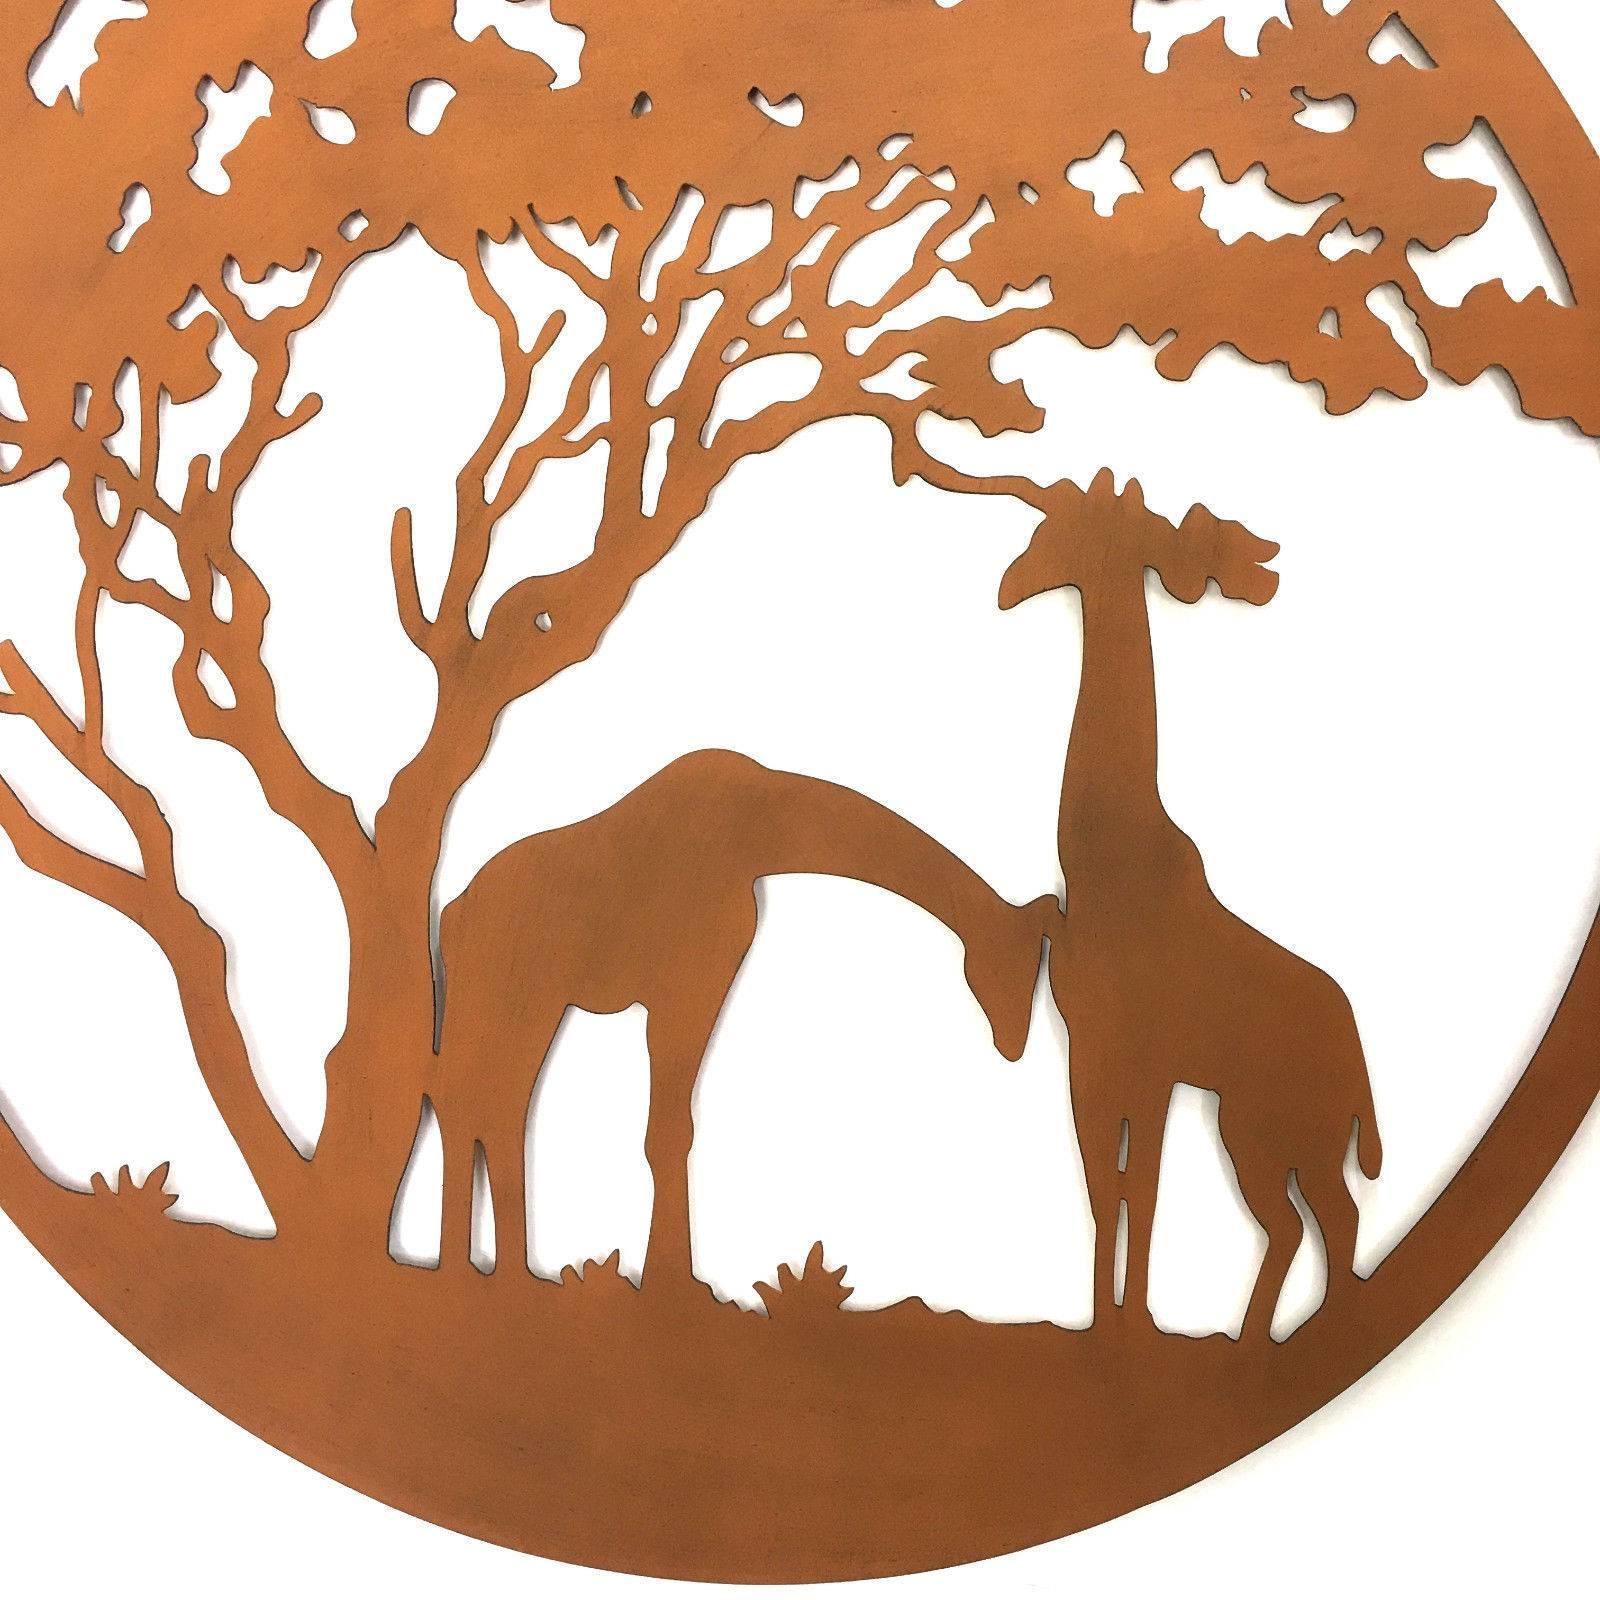 Giraffe Lasercut Metal Wall Art 99Cm Regarding Most Popular Giraffe Metal Wall Art (Gallery 19 of 20)